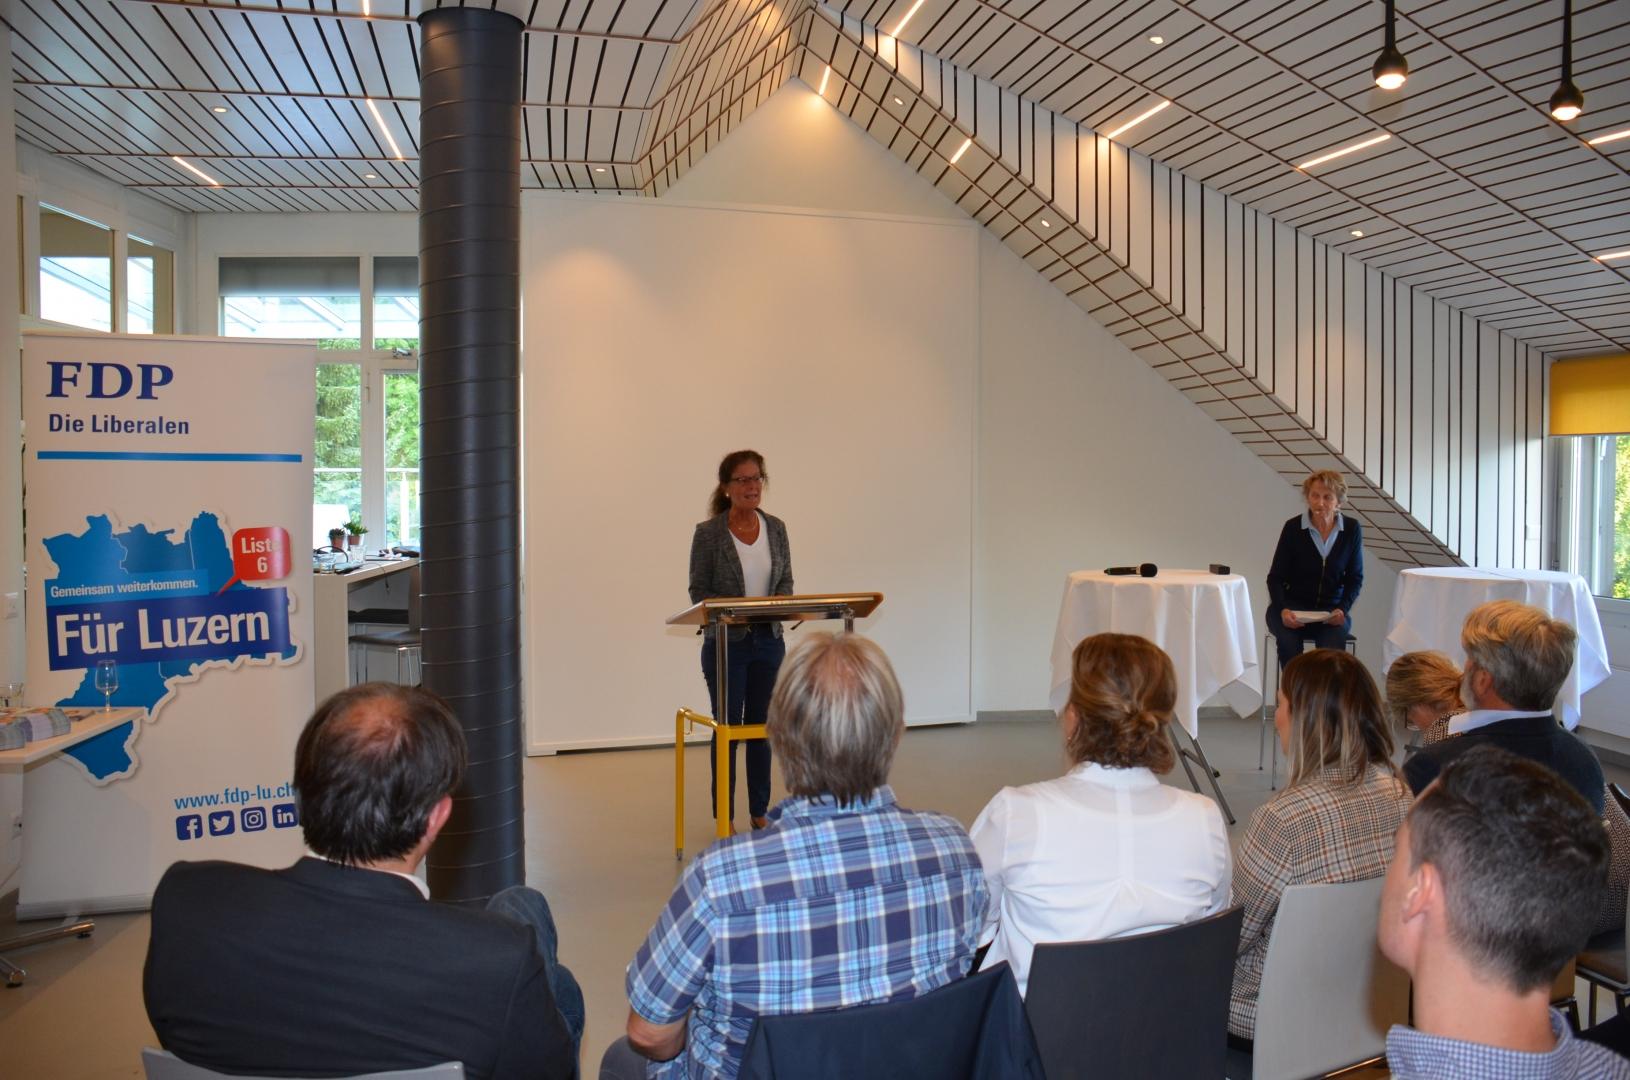 Begrüssung Wahlanlass in Hertenstein 20.09.19